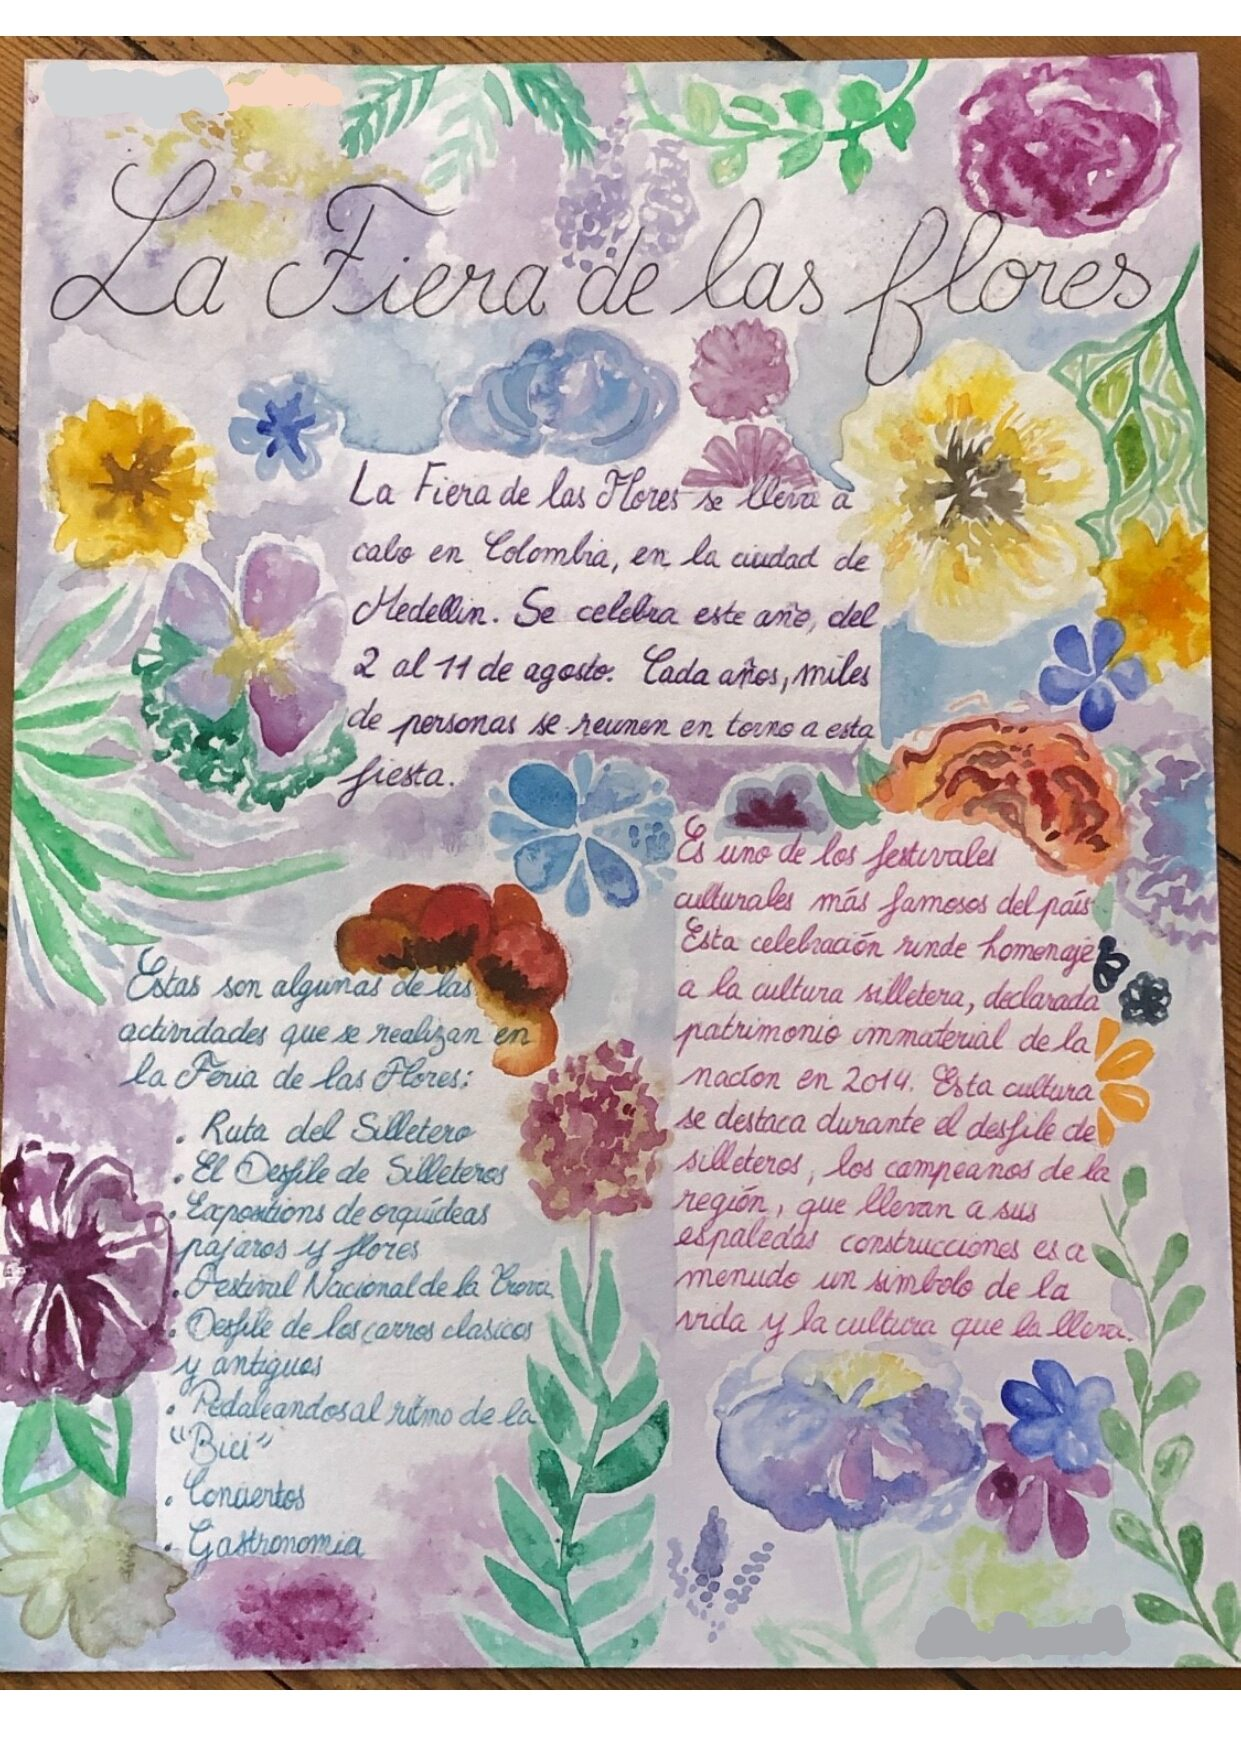 La Feria de las Flores par Léa Duprielle et Ethel Segalen-Martin (3èmeE)